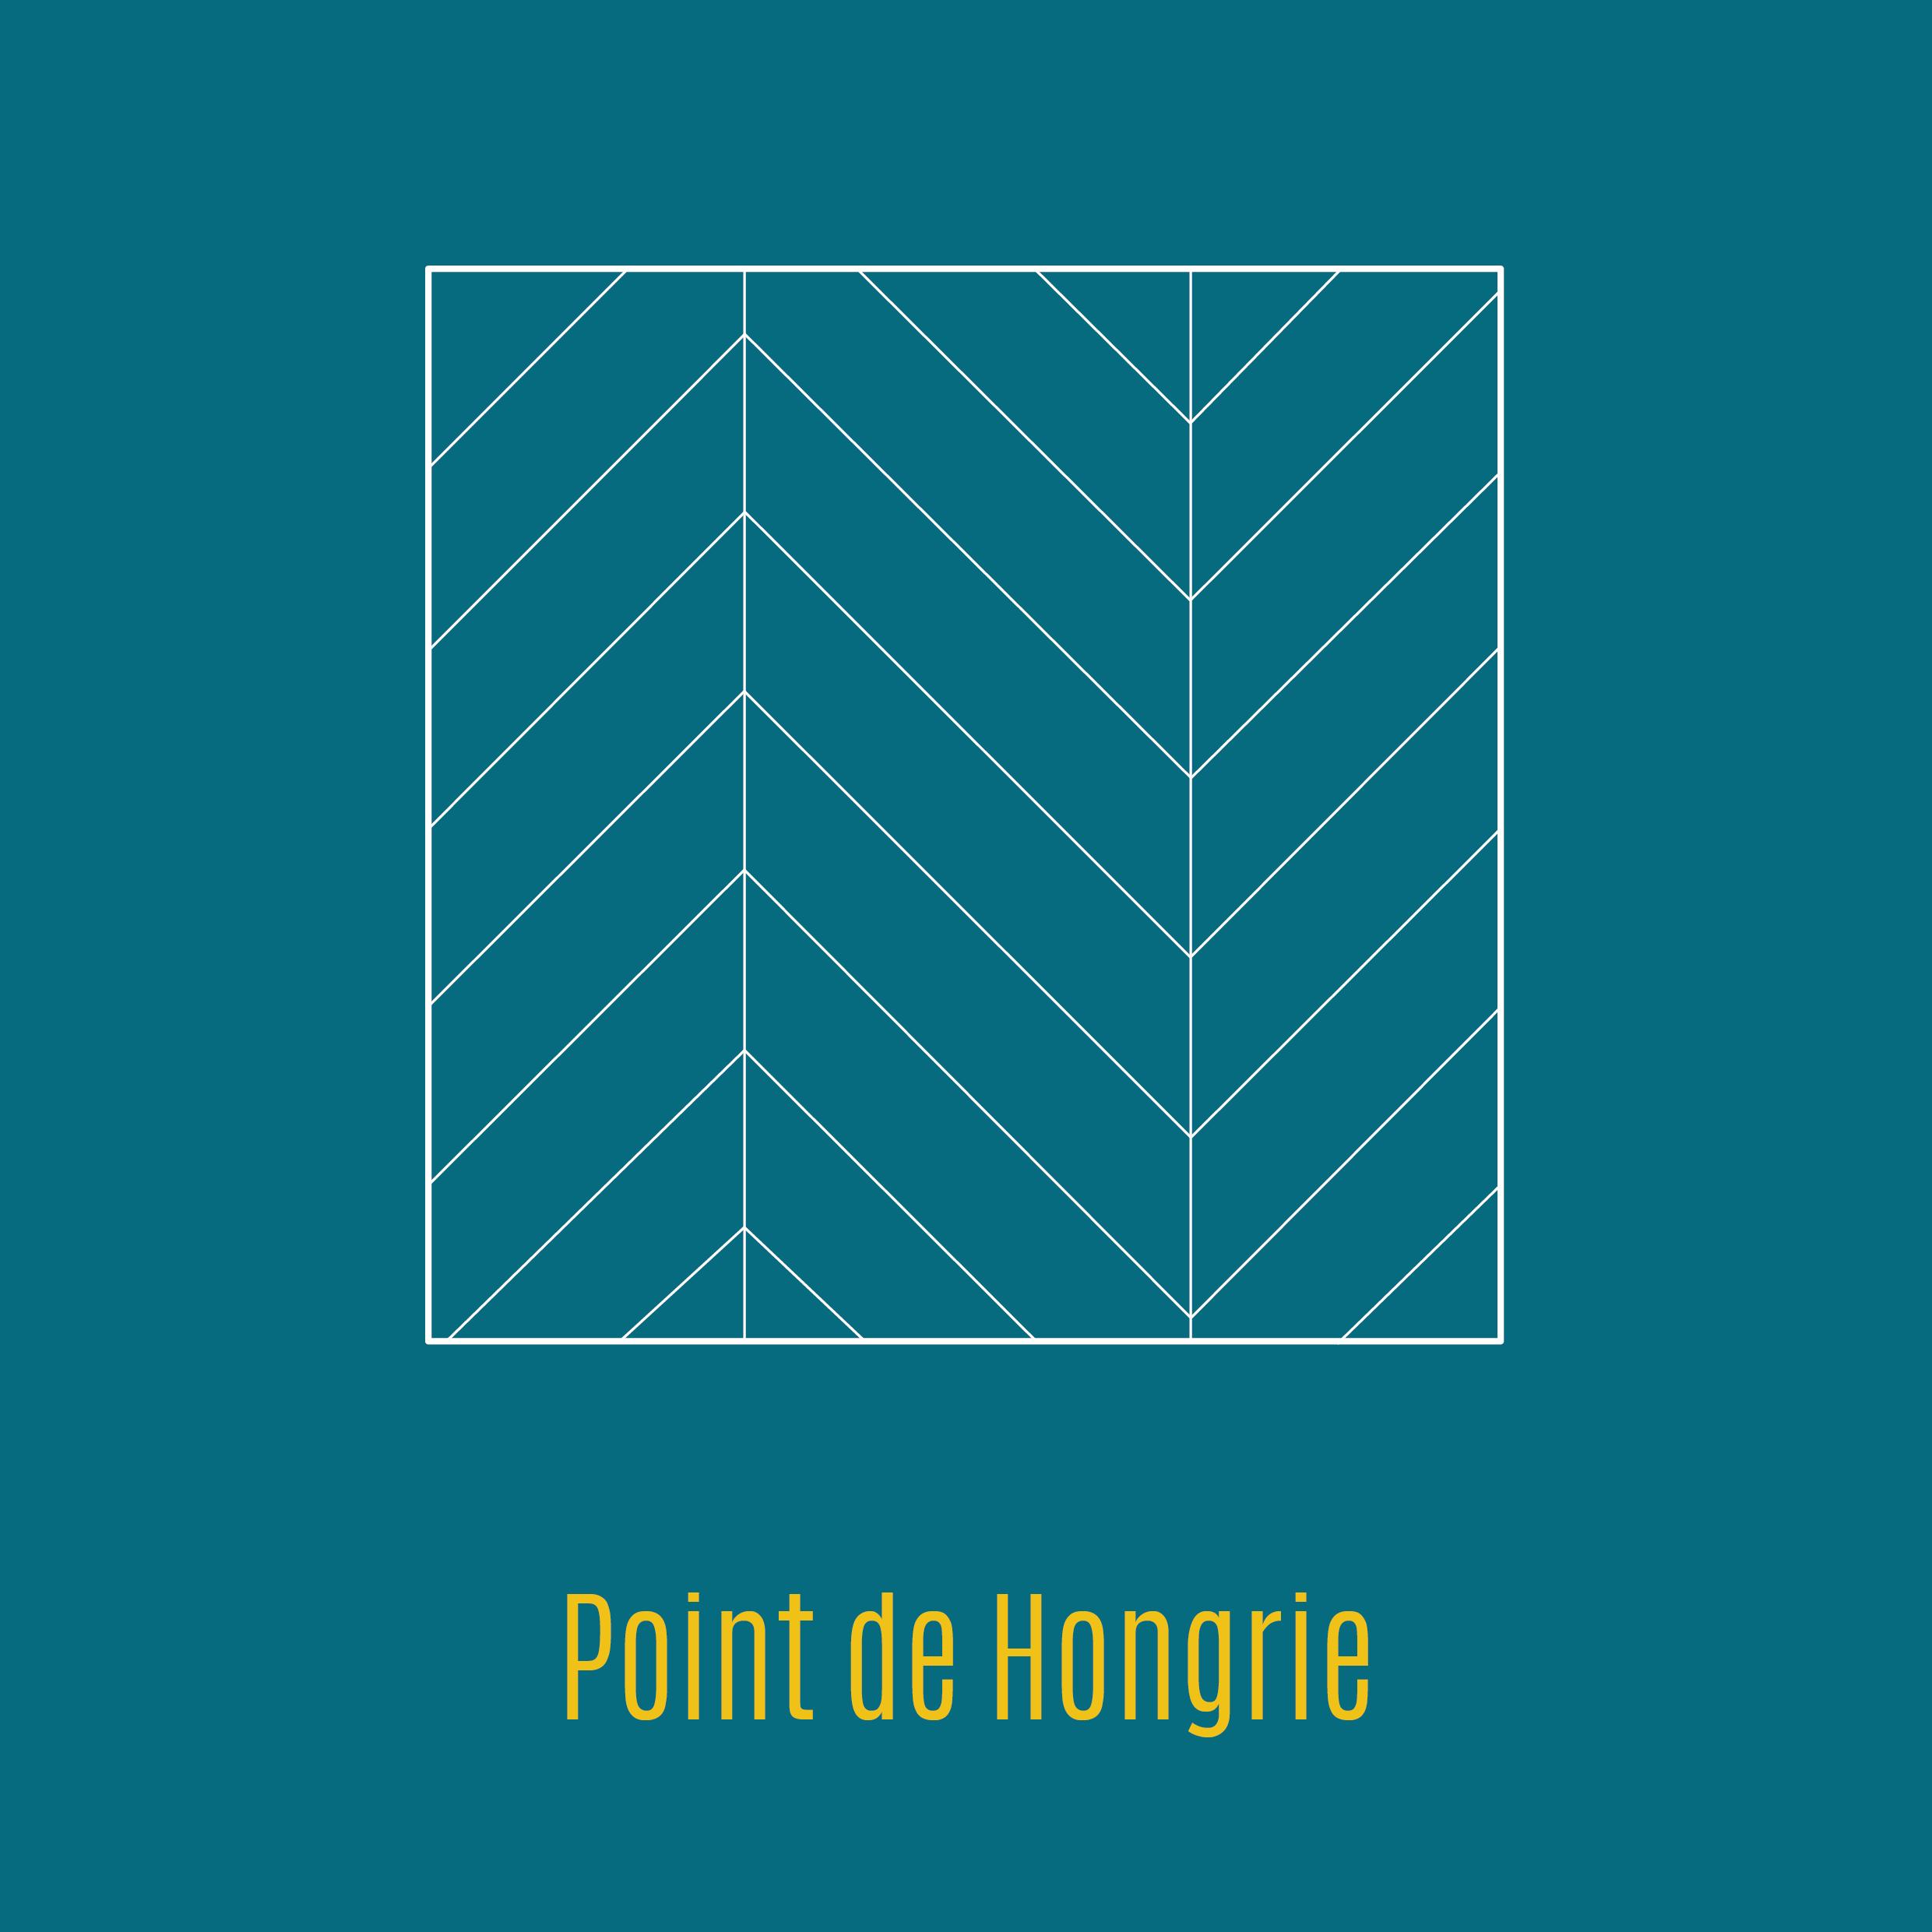 Illustration parquet chevron point de Hongrie